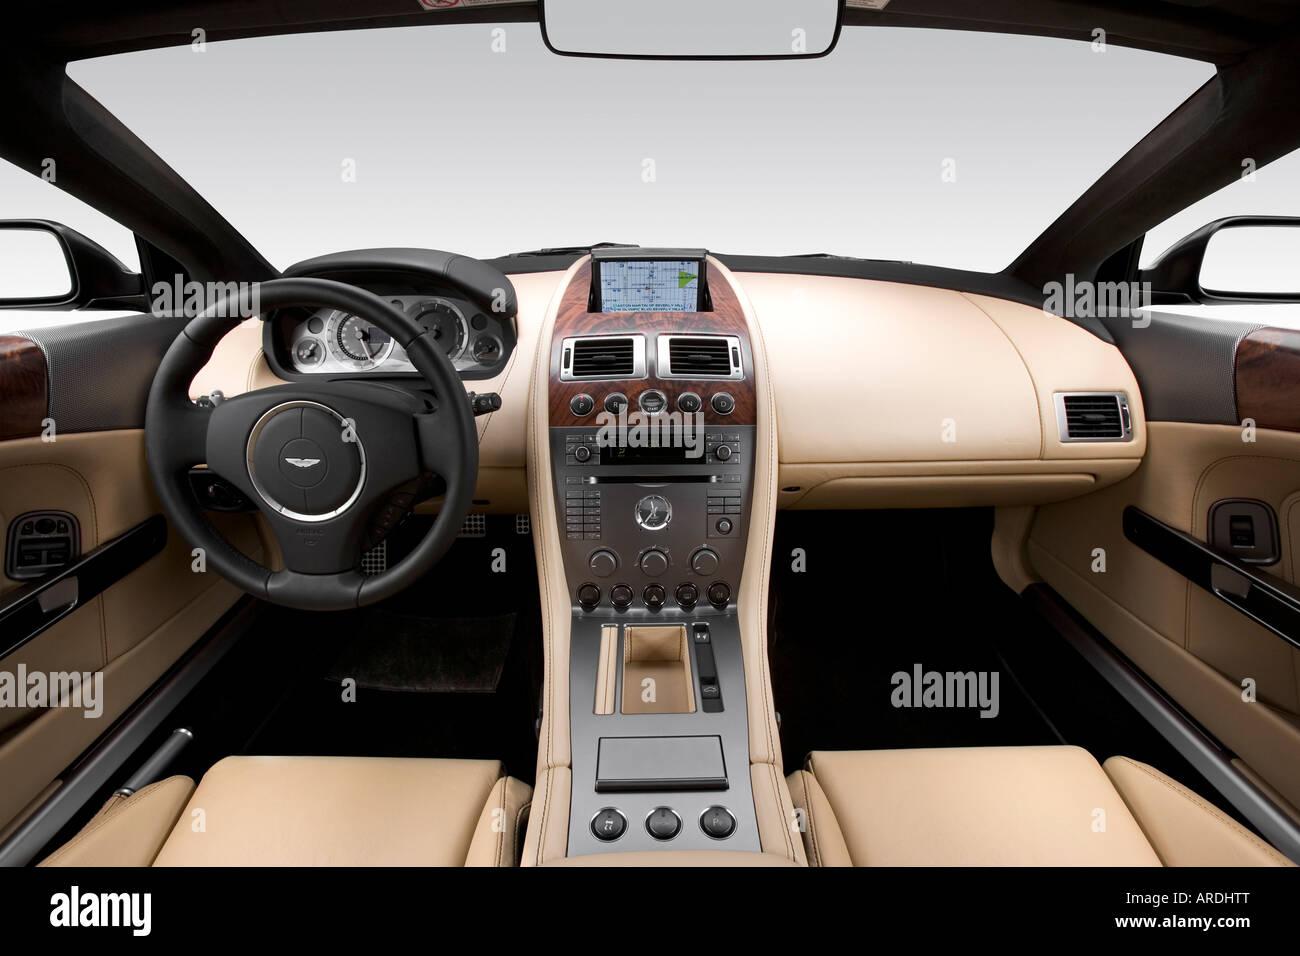 2005 aston martin db9 in black - dashboard, center console, gear